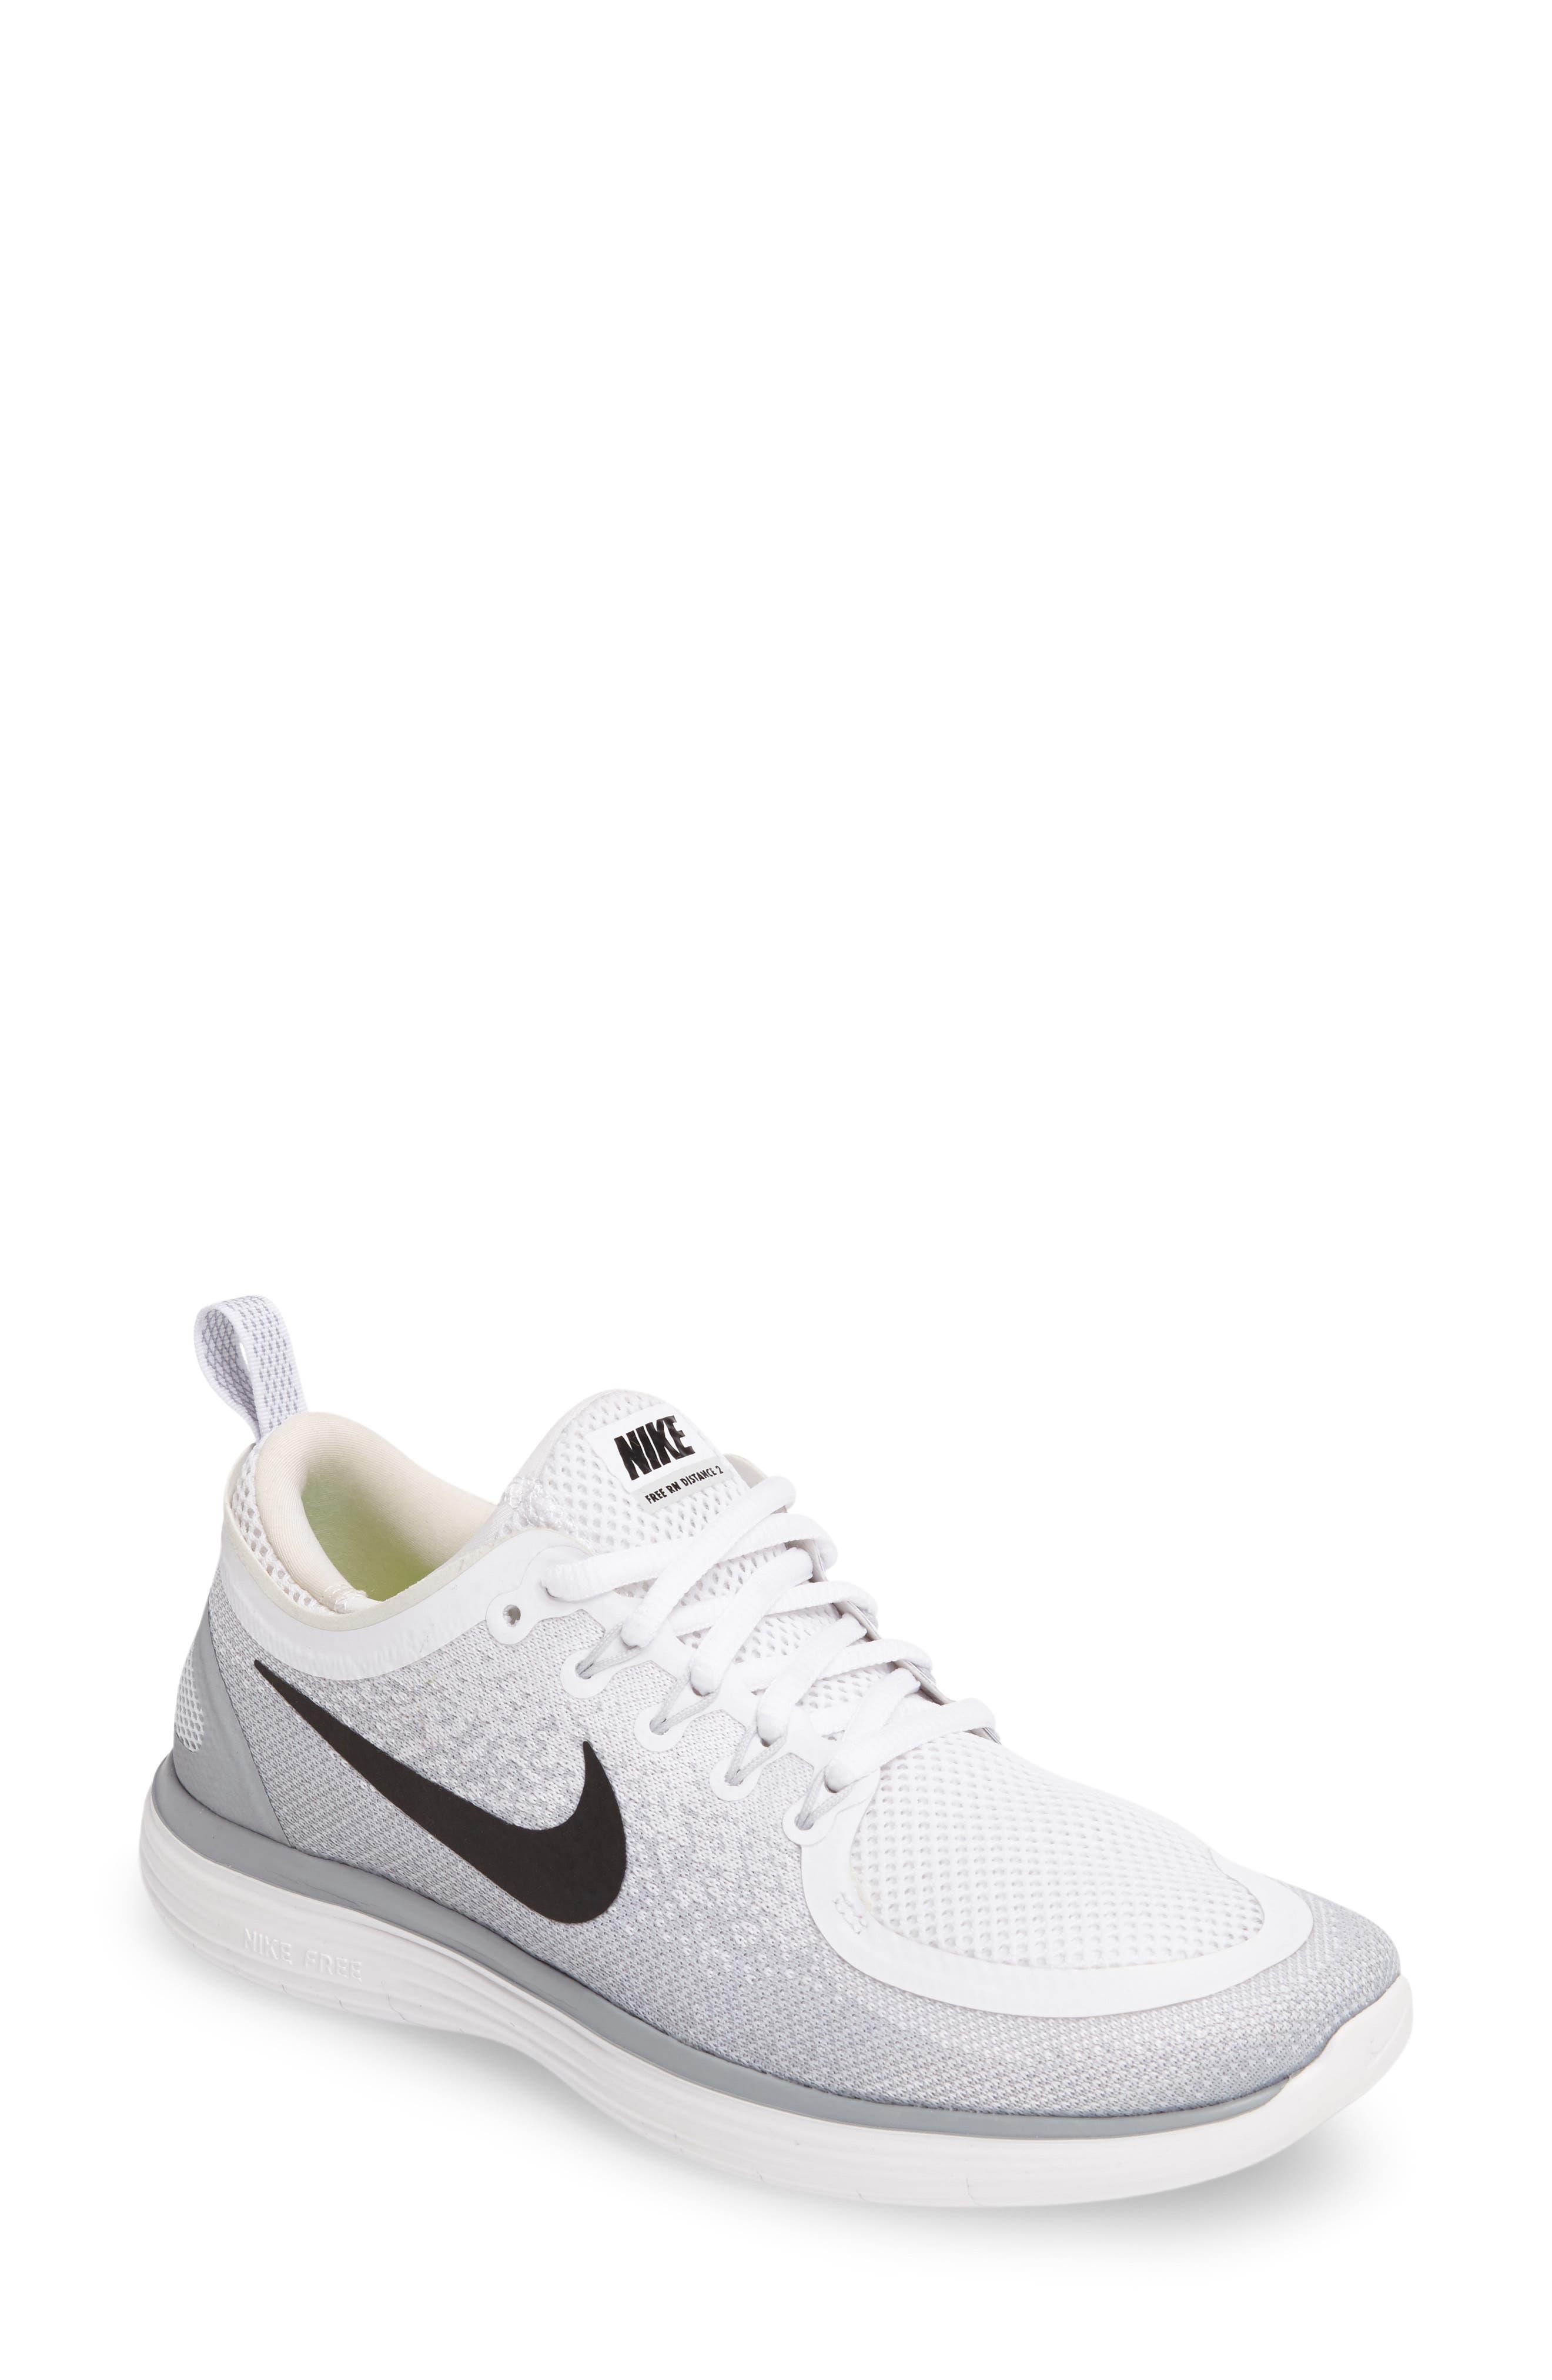 Alternate Image 1 Selected - Nike Free Run Distance 2 Running Shoe (Women)